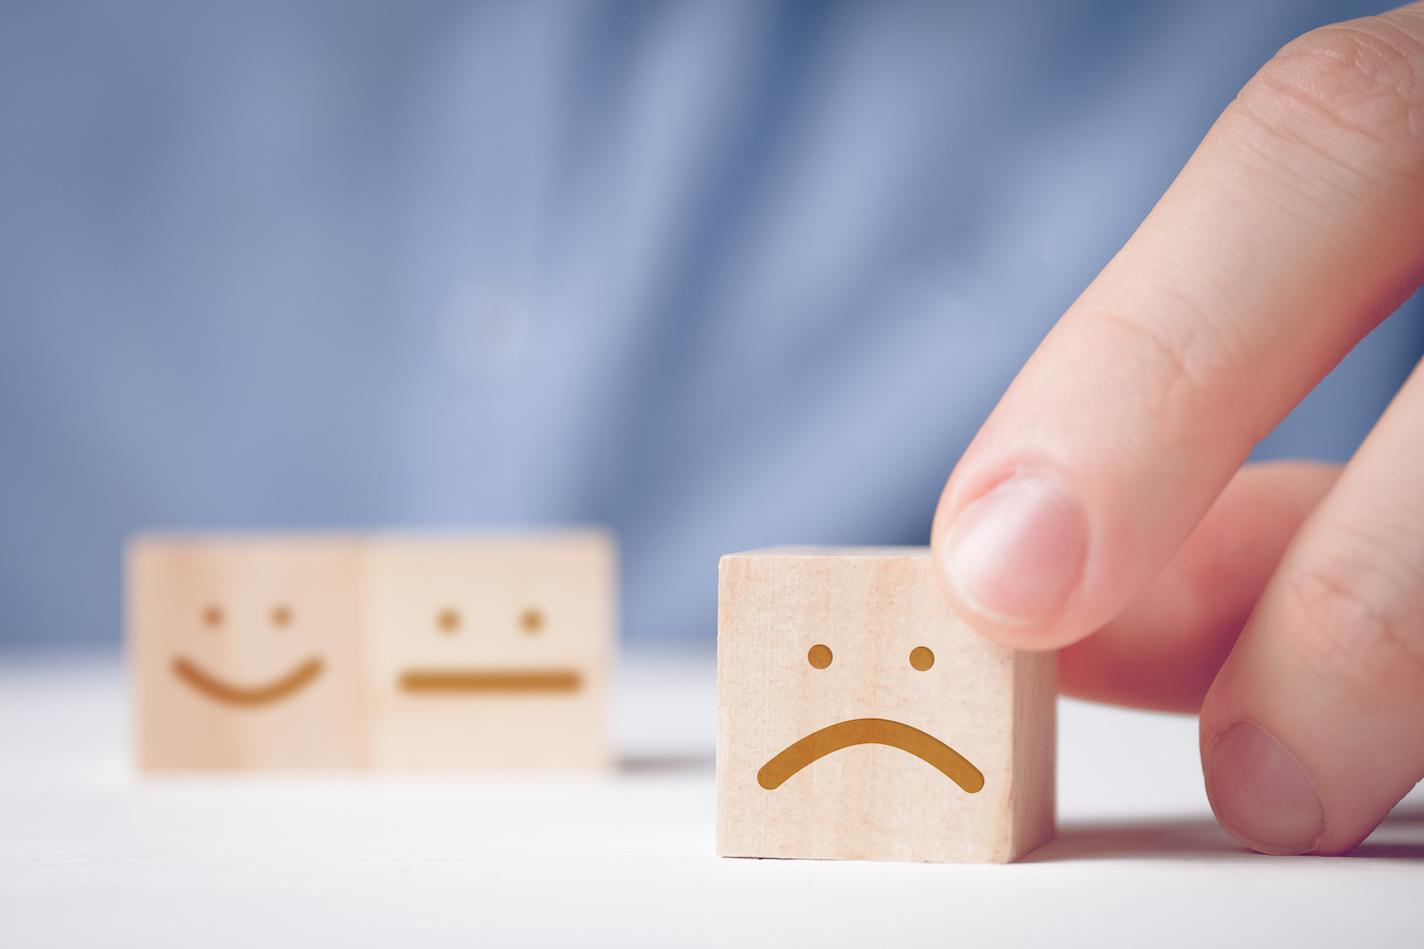 אזכורים שליליים בגוגל- כיצד מתמודדים